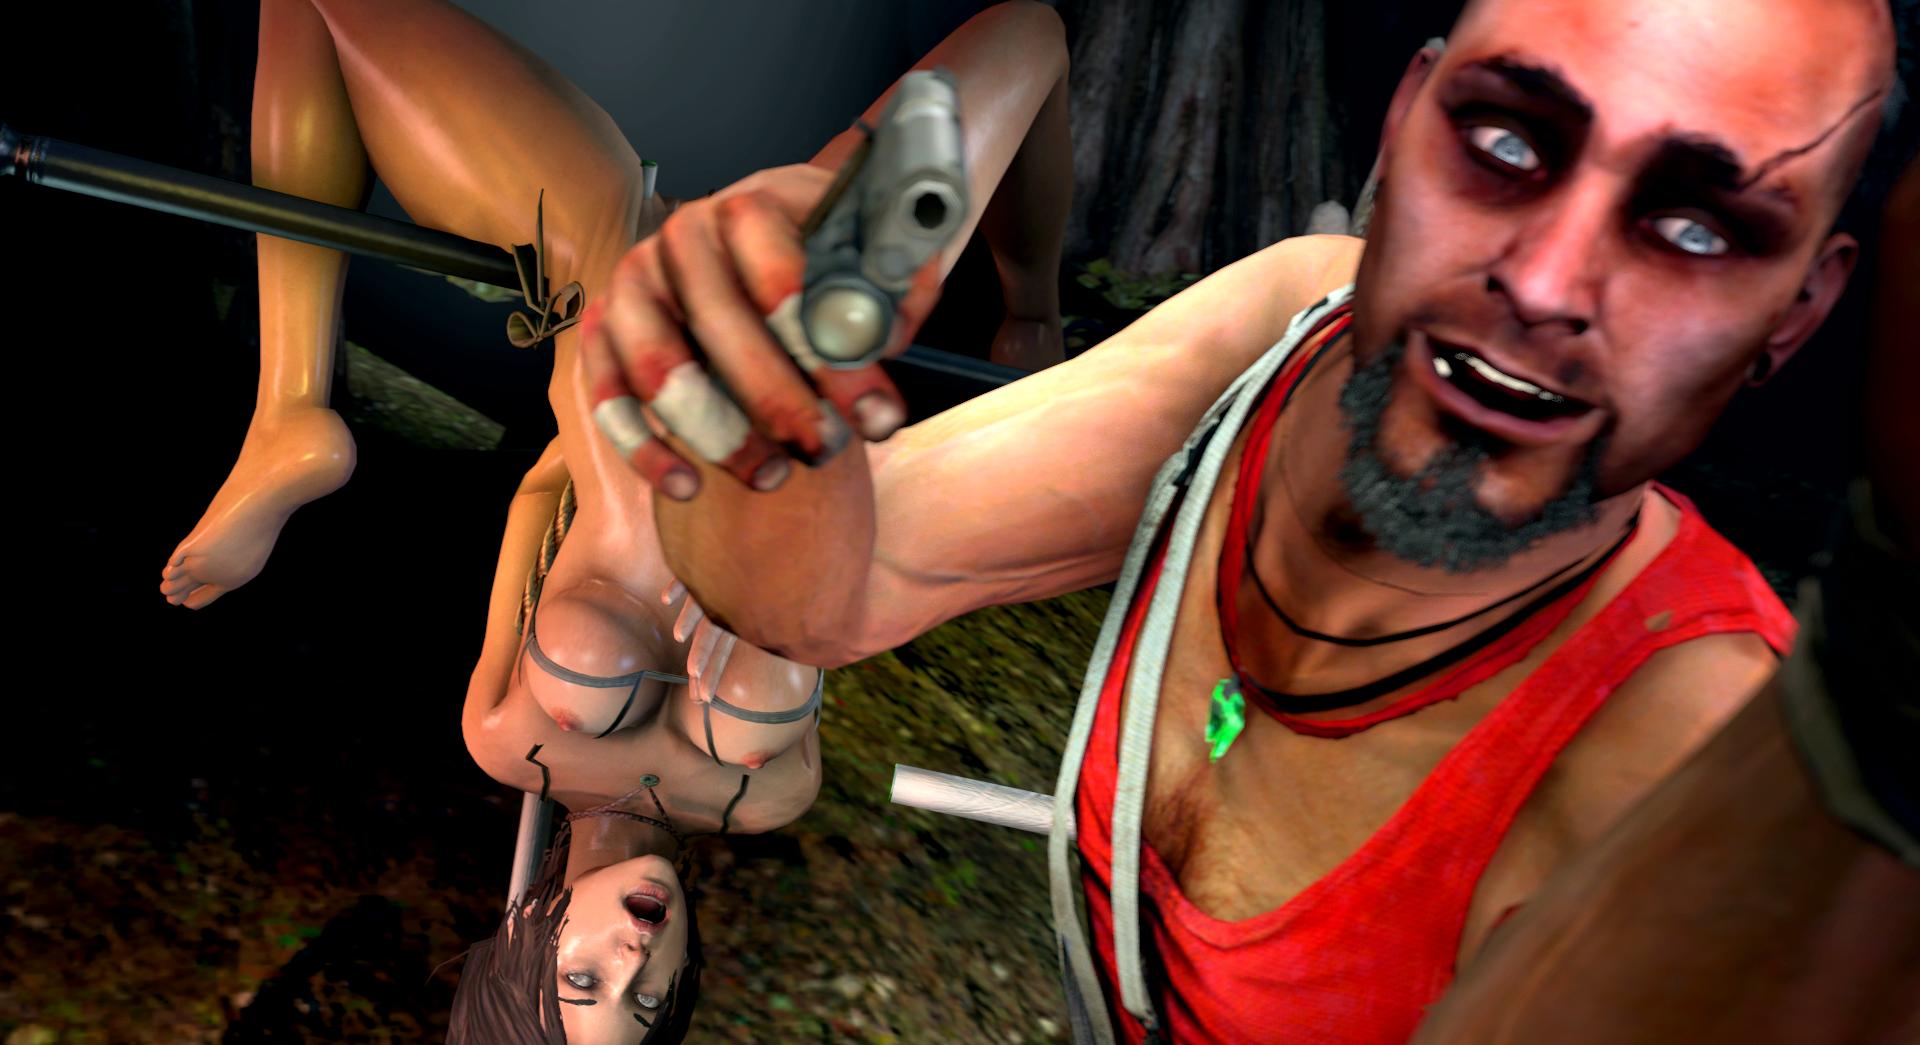 Far cry porn pics nackt clip